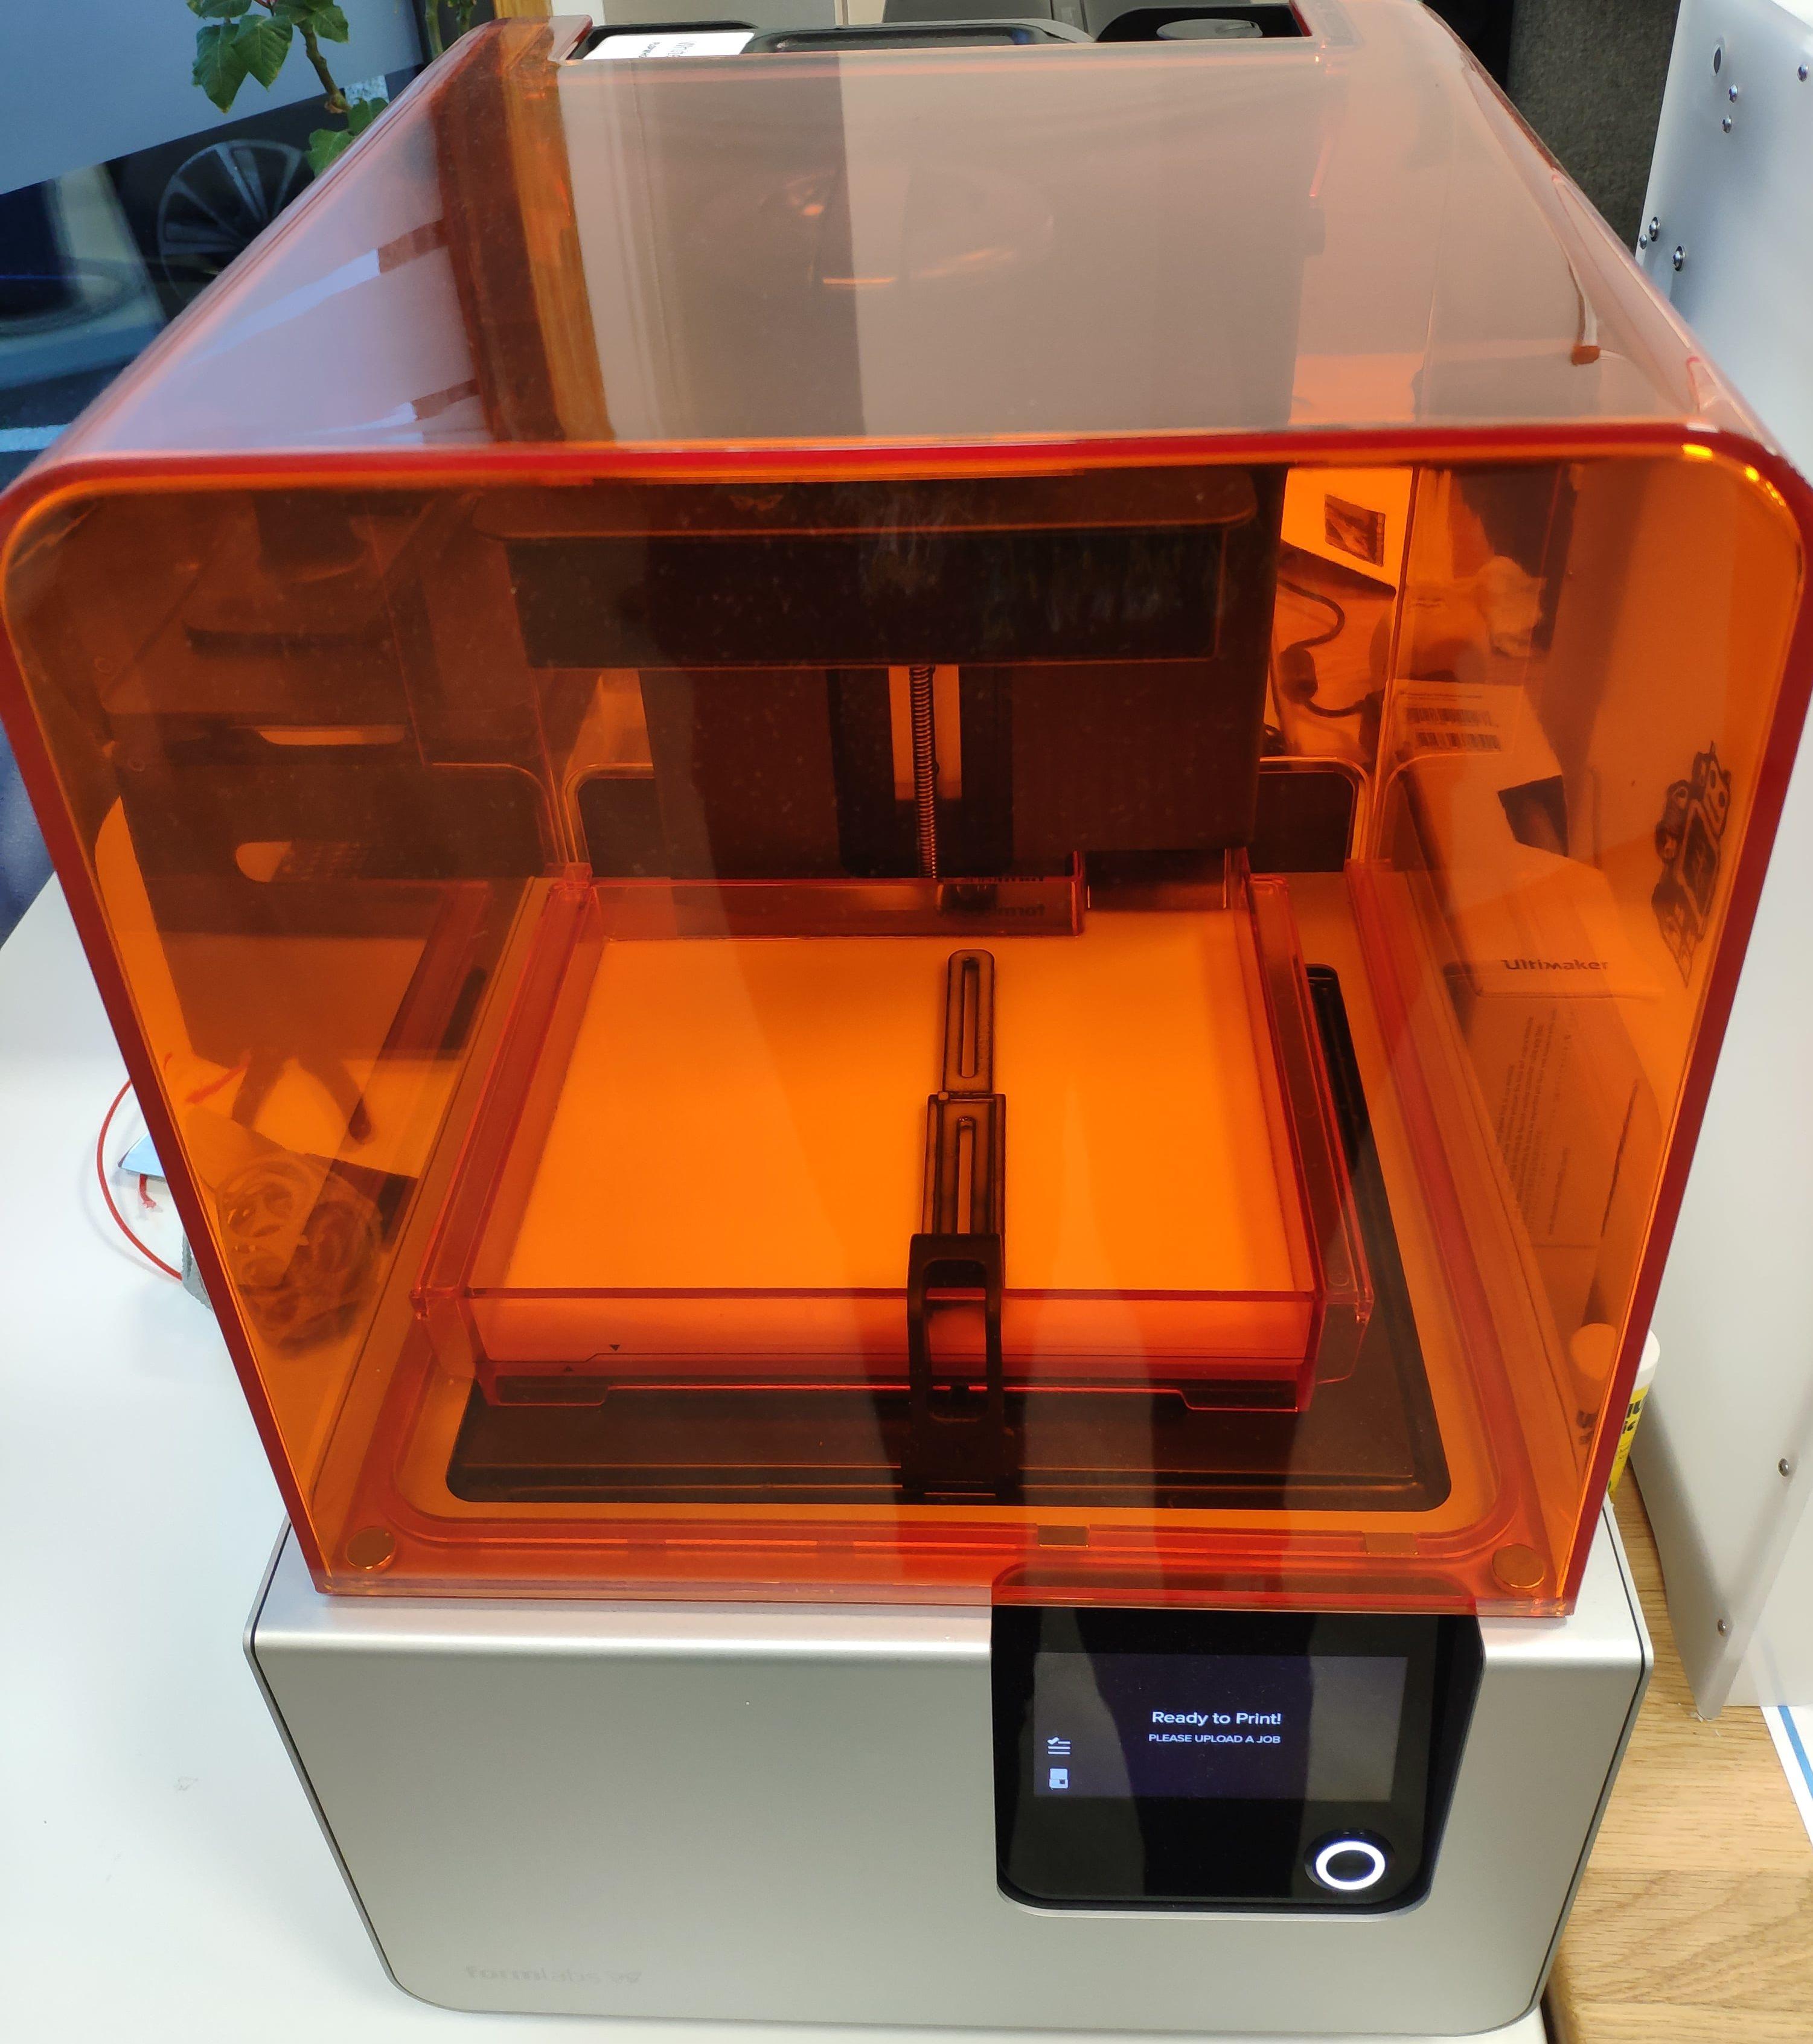 impresora para el proyecto amodiño